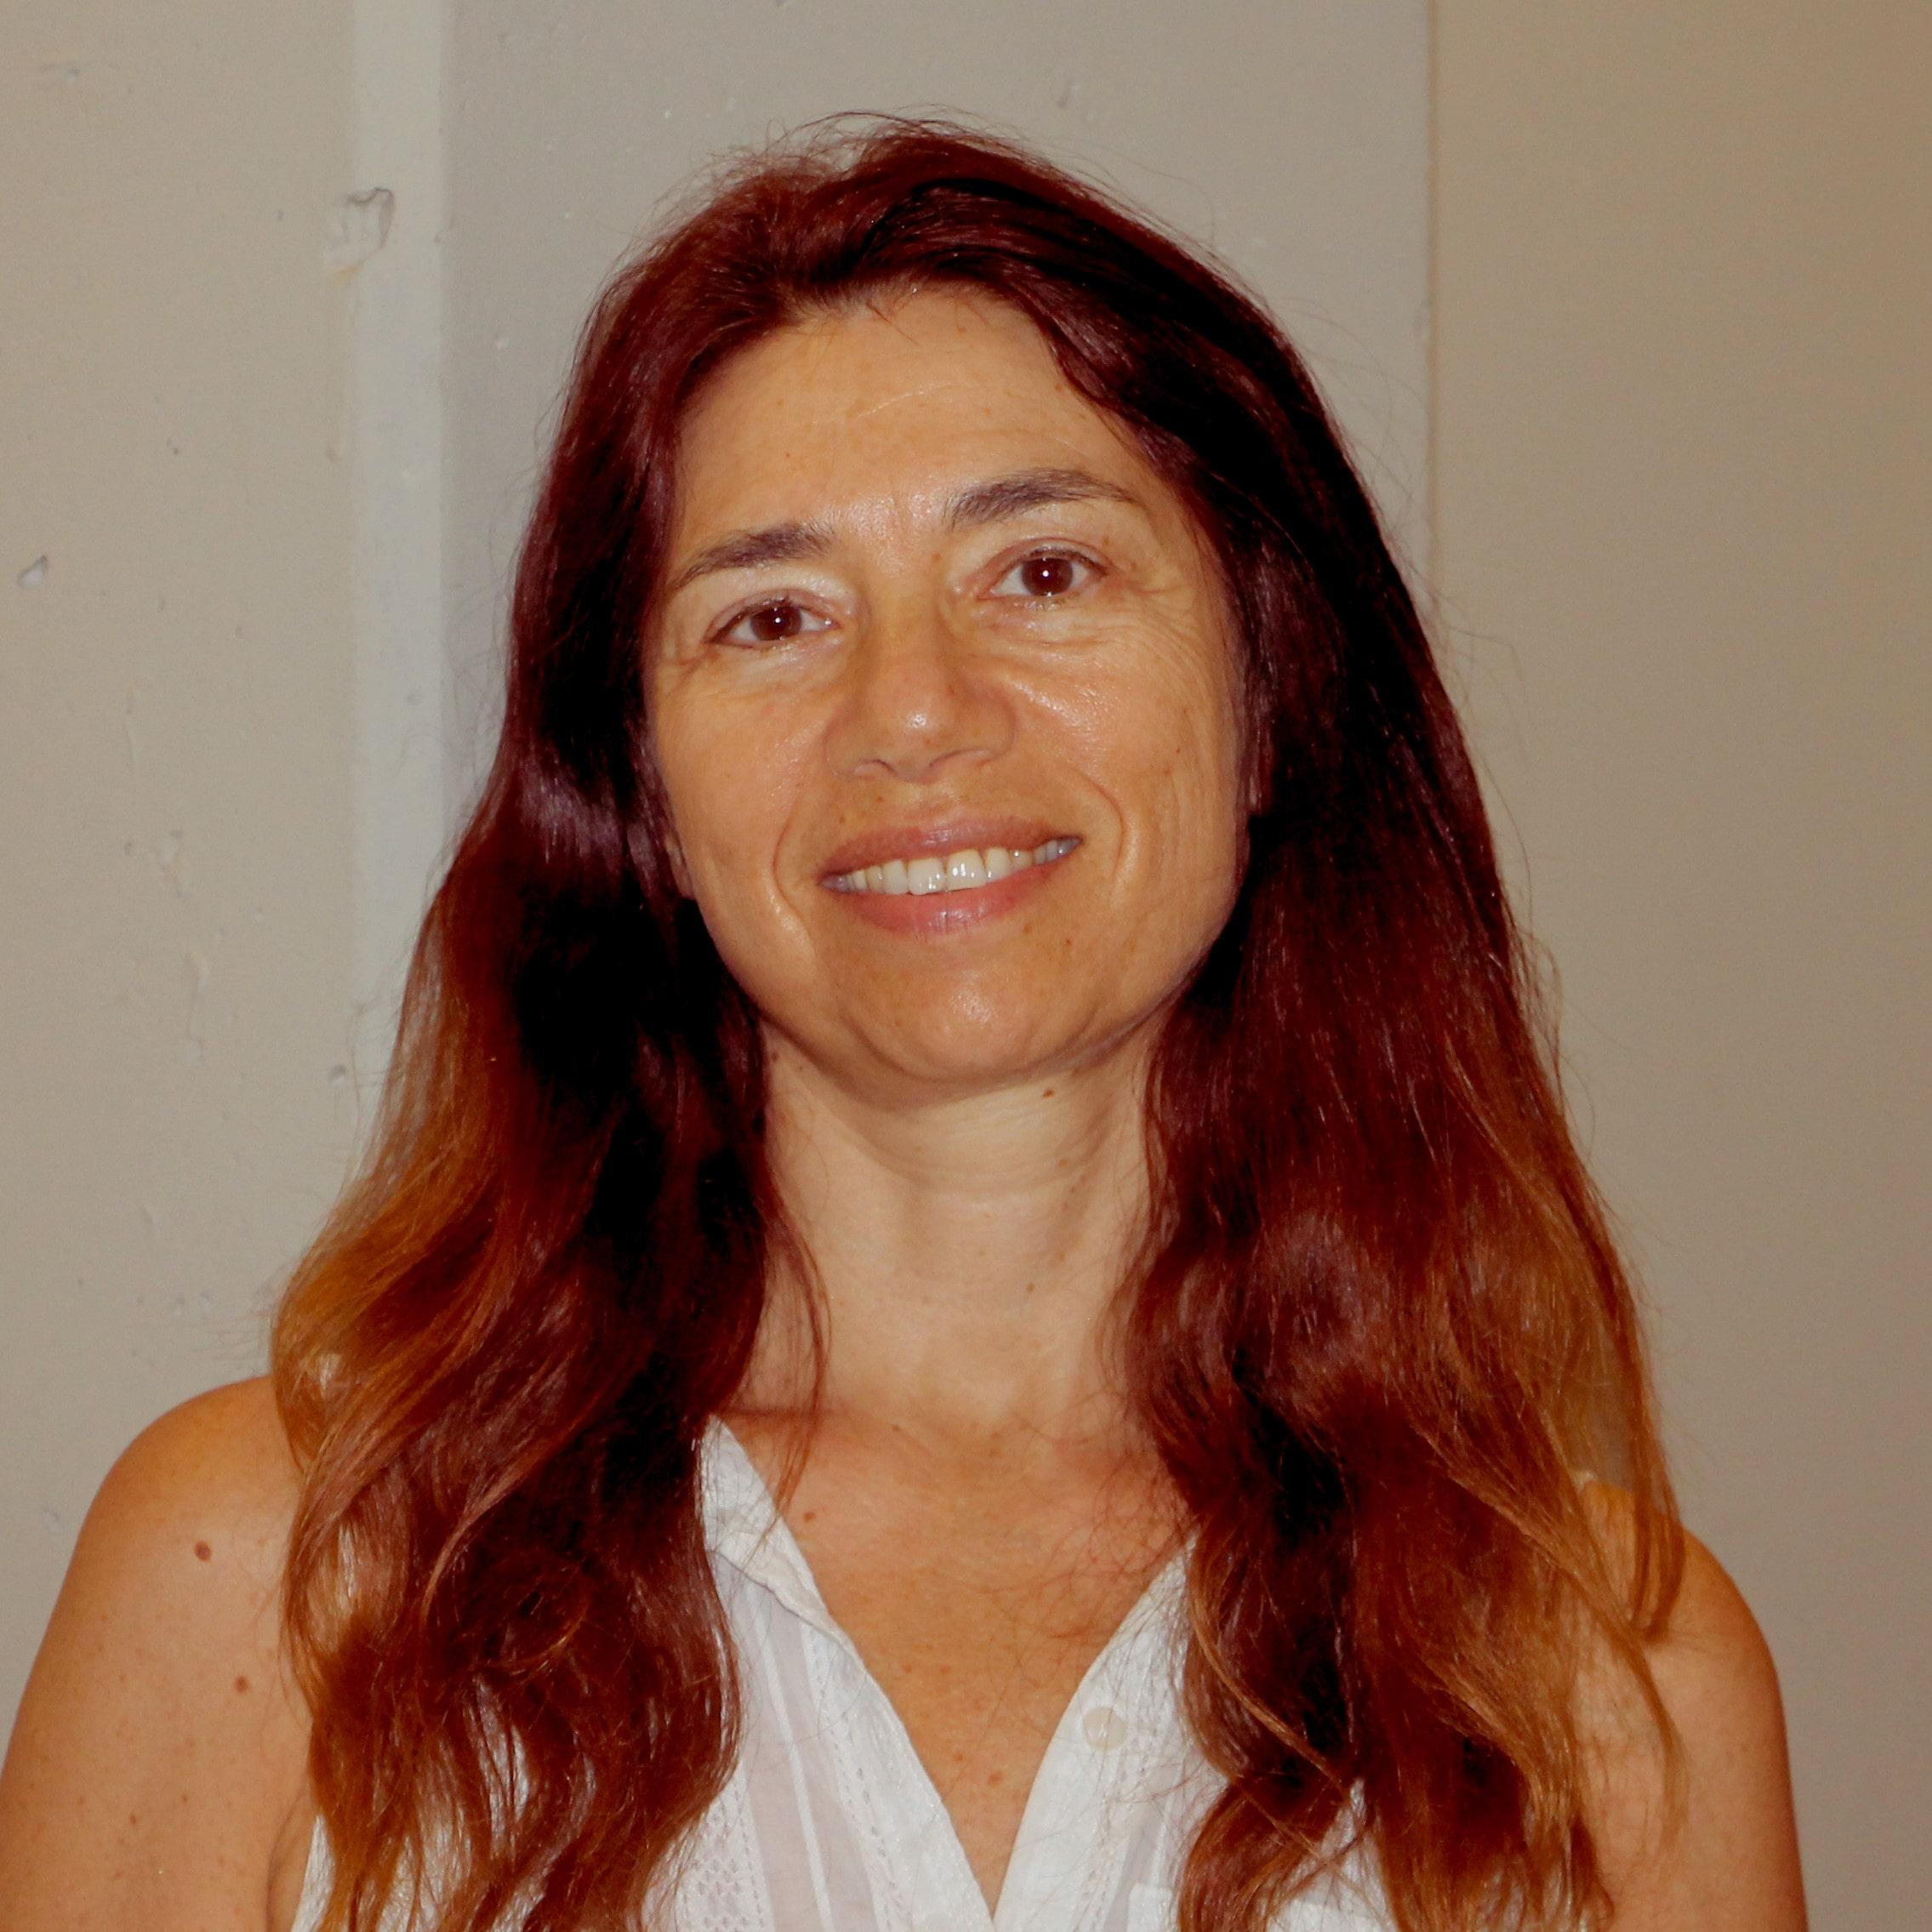 מאי כהן, מנהלת לקוחות במגזר הביטוח והפנסיה